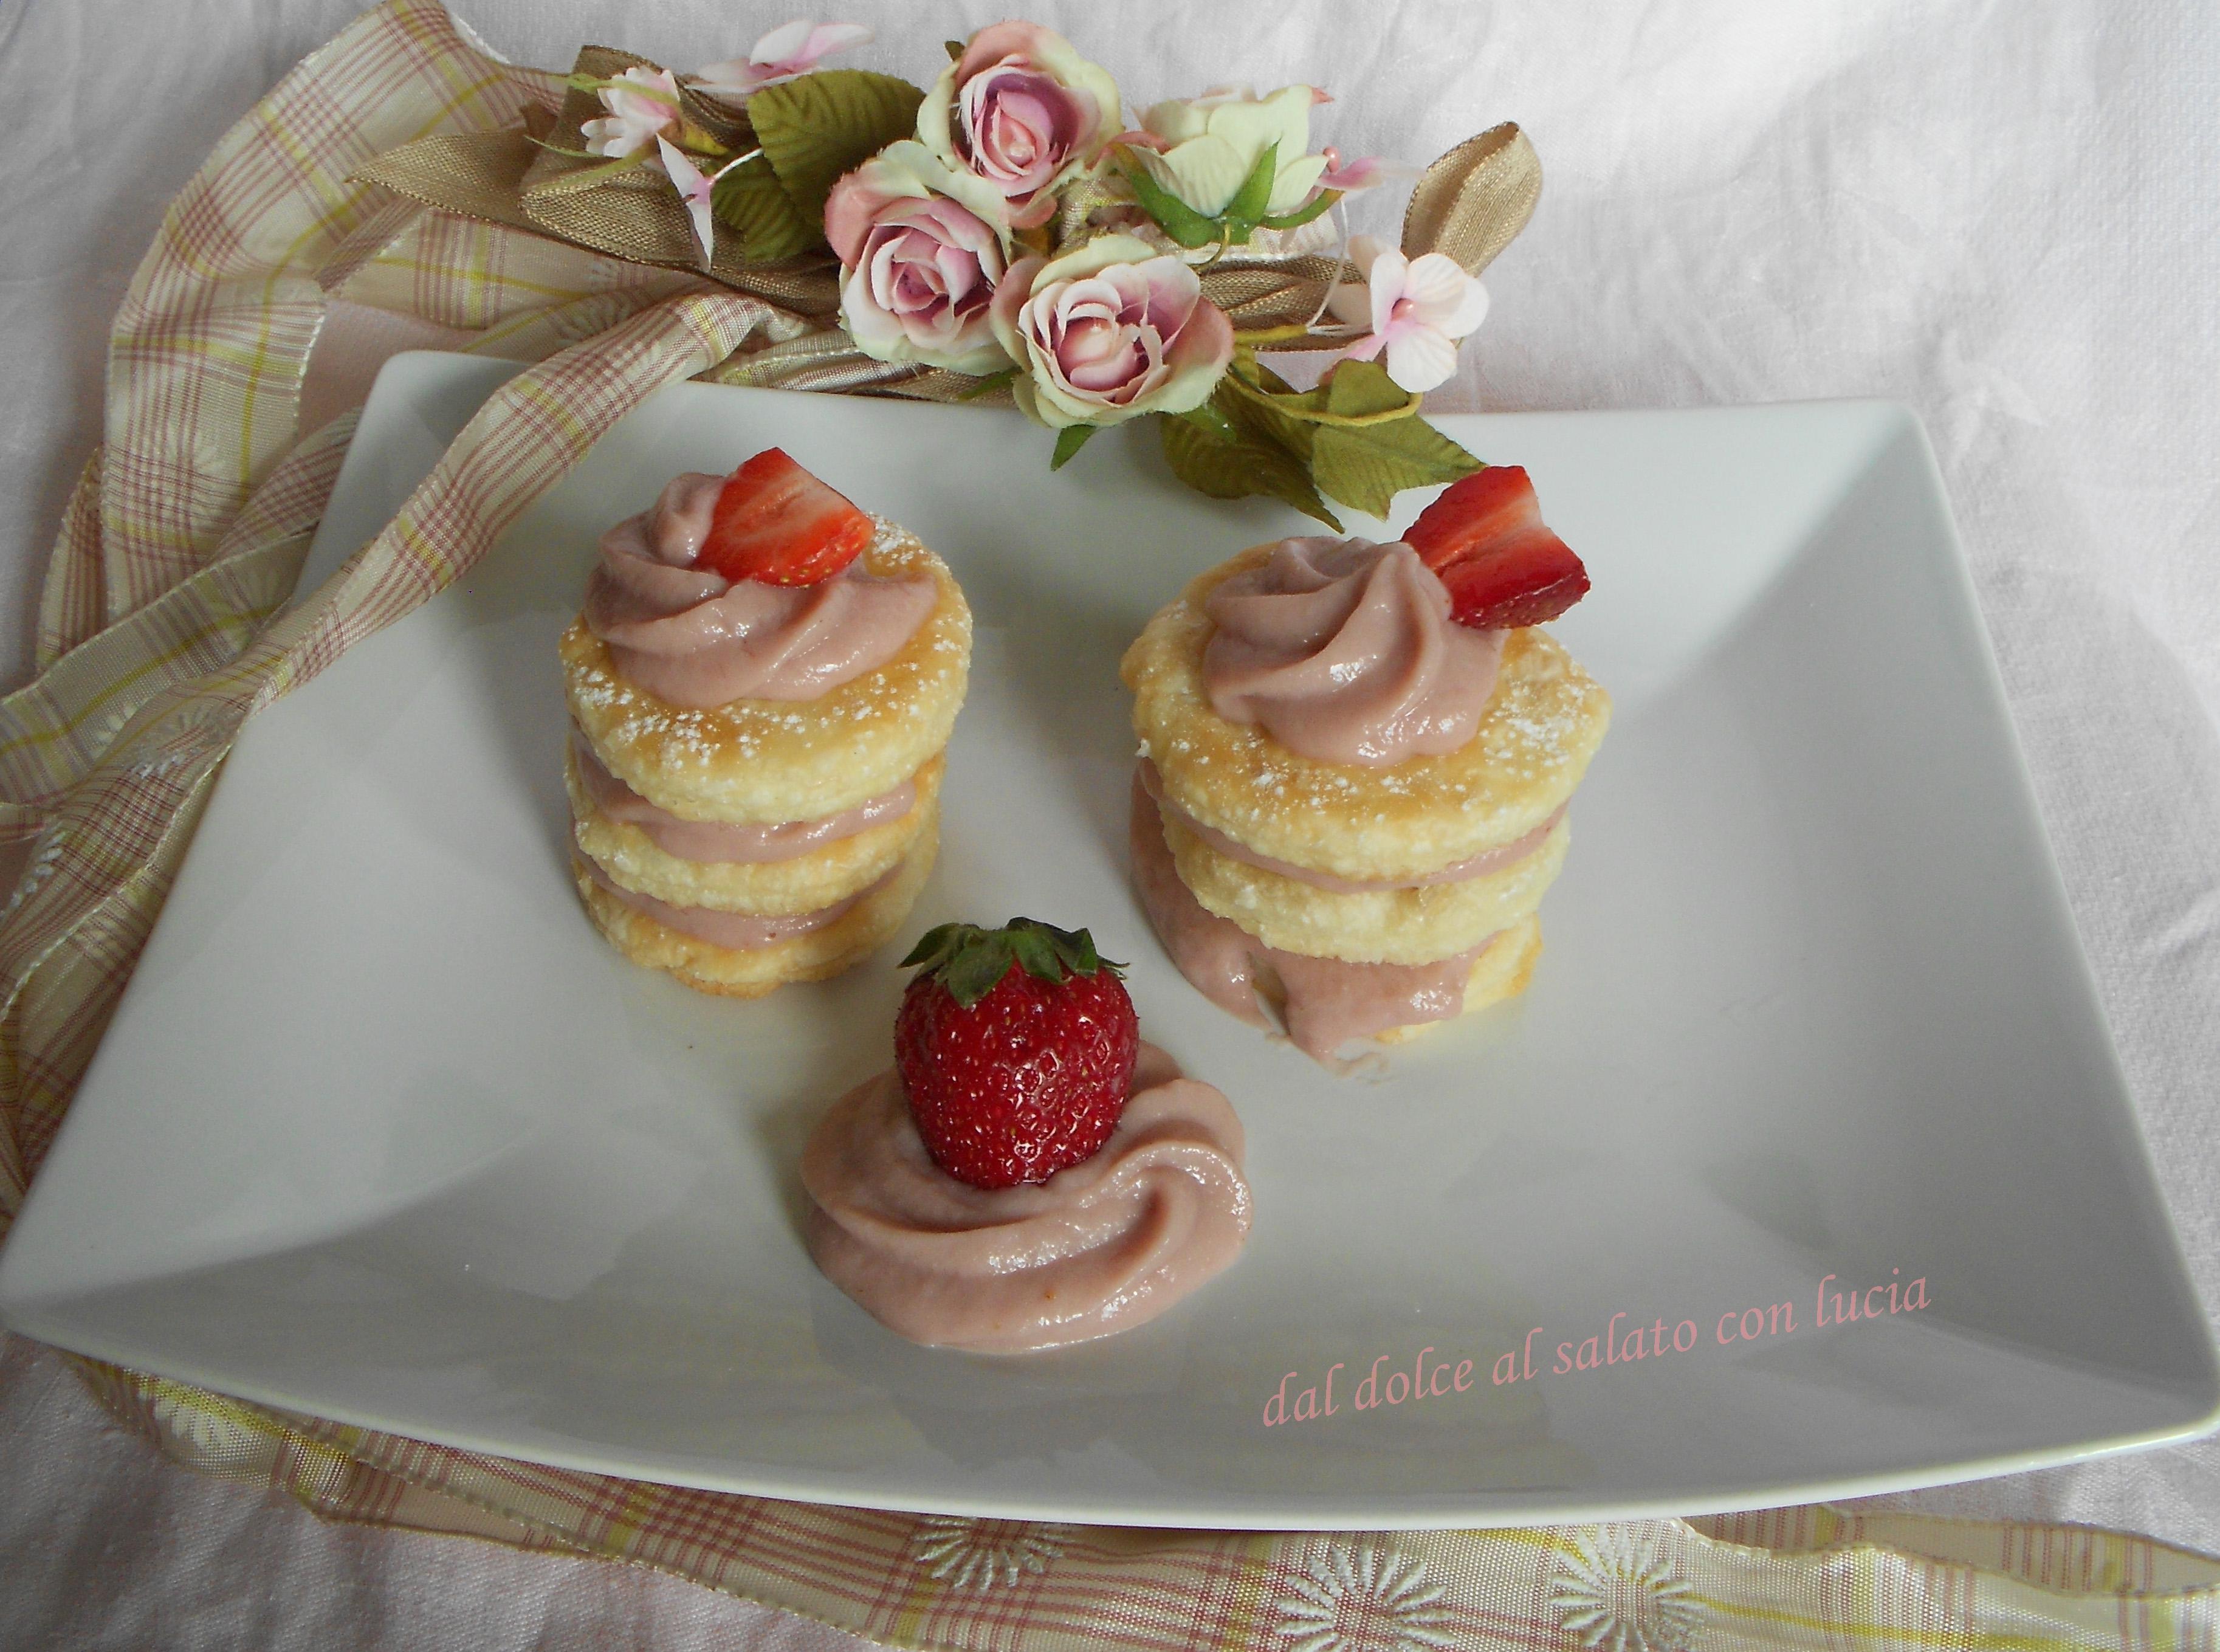 Millefoglie alla crema pasticcera di fragole